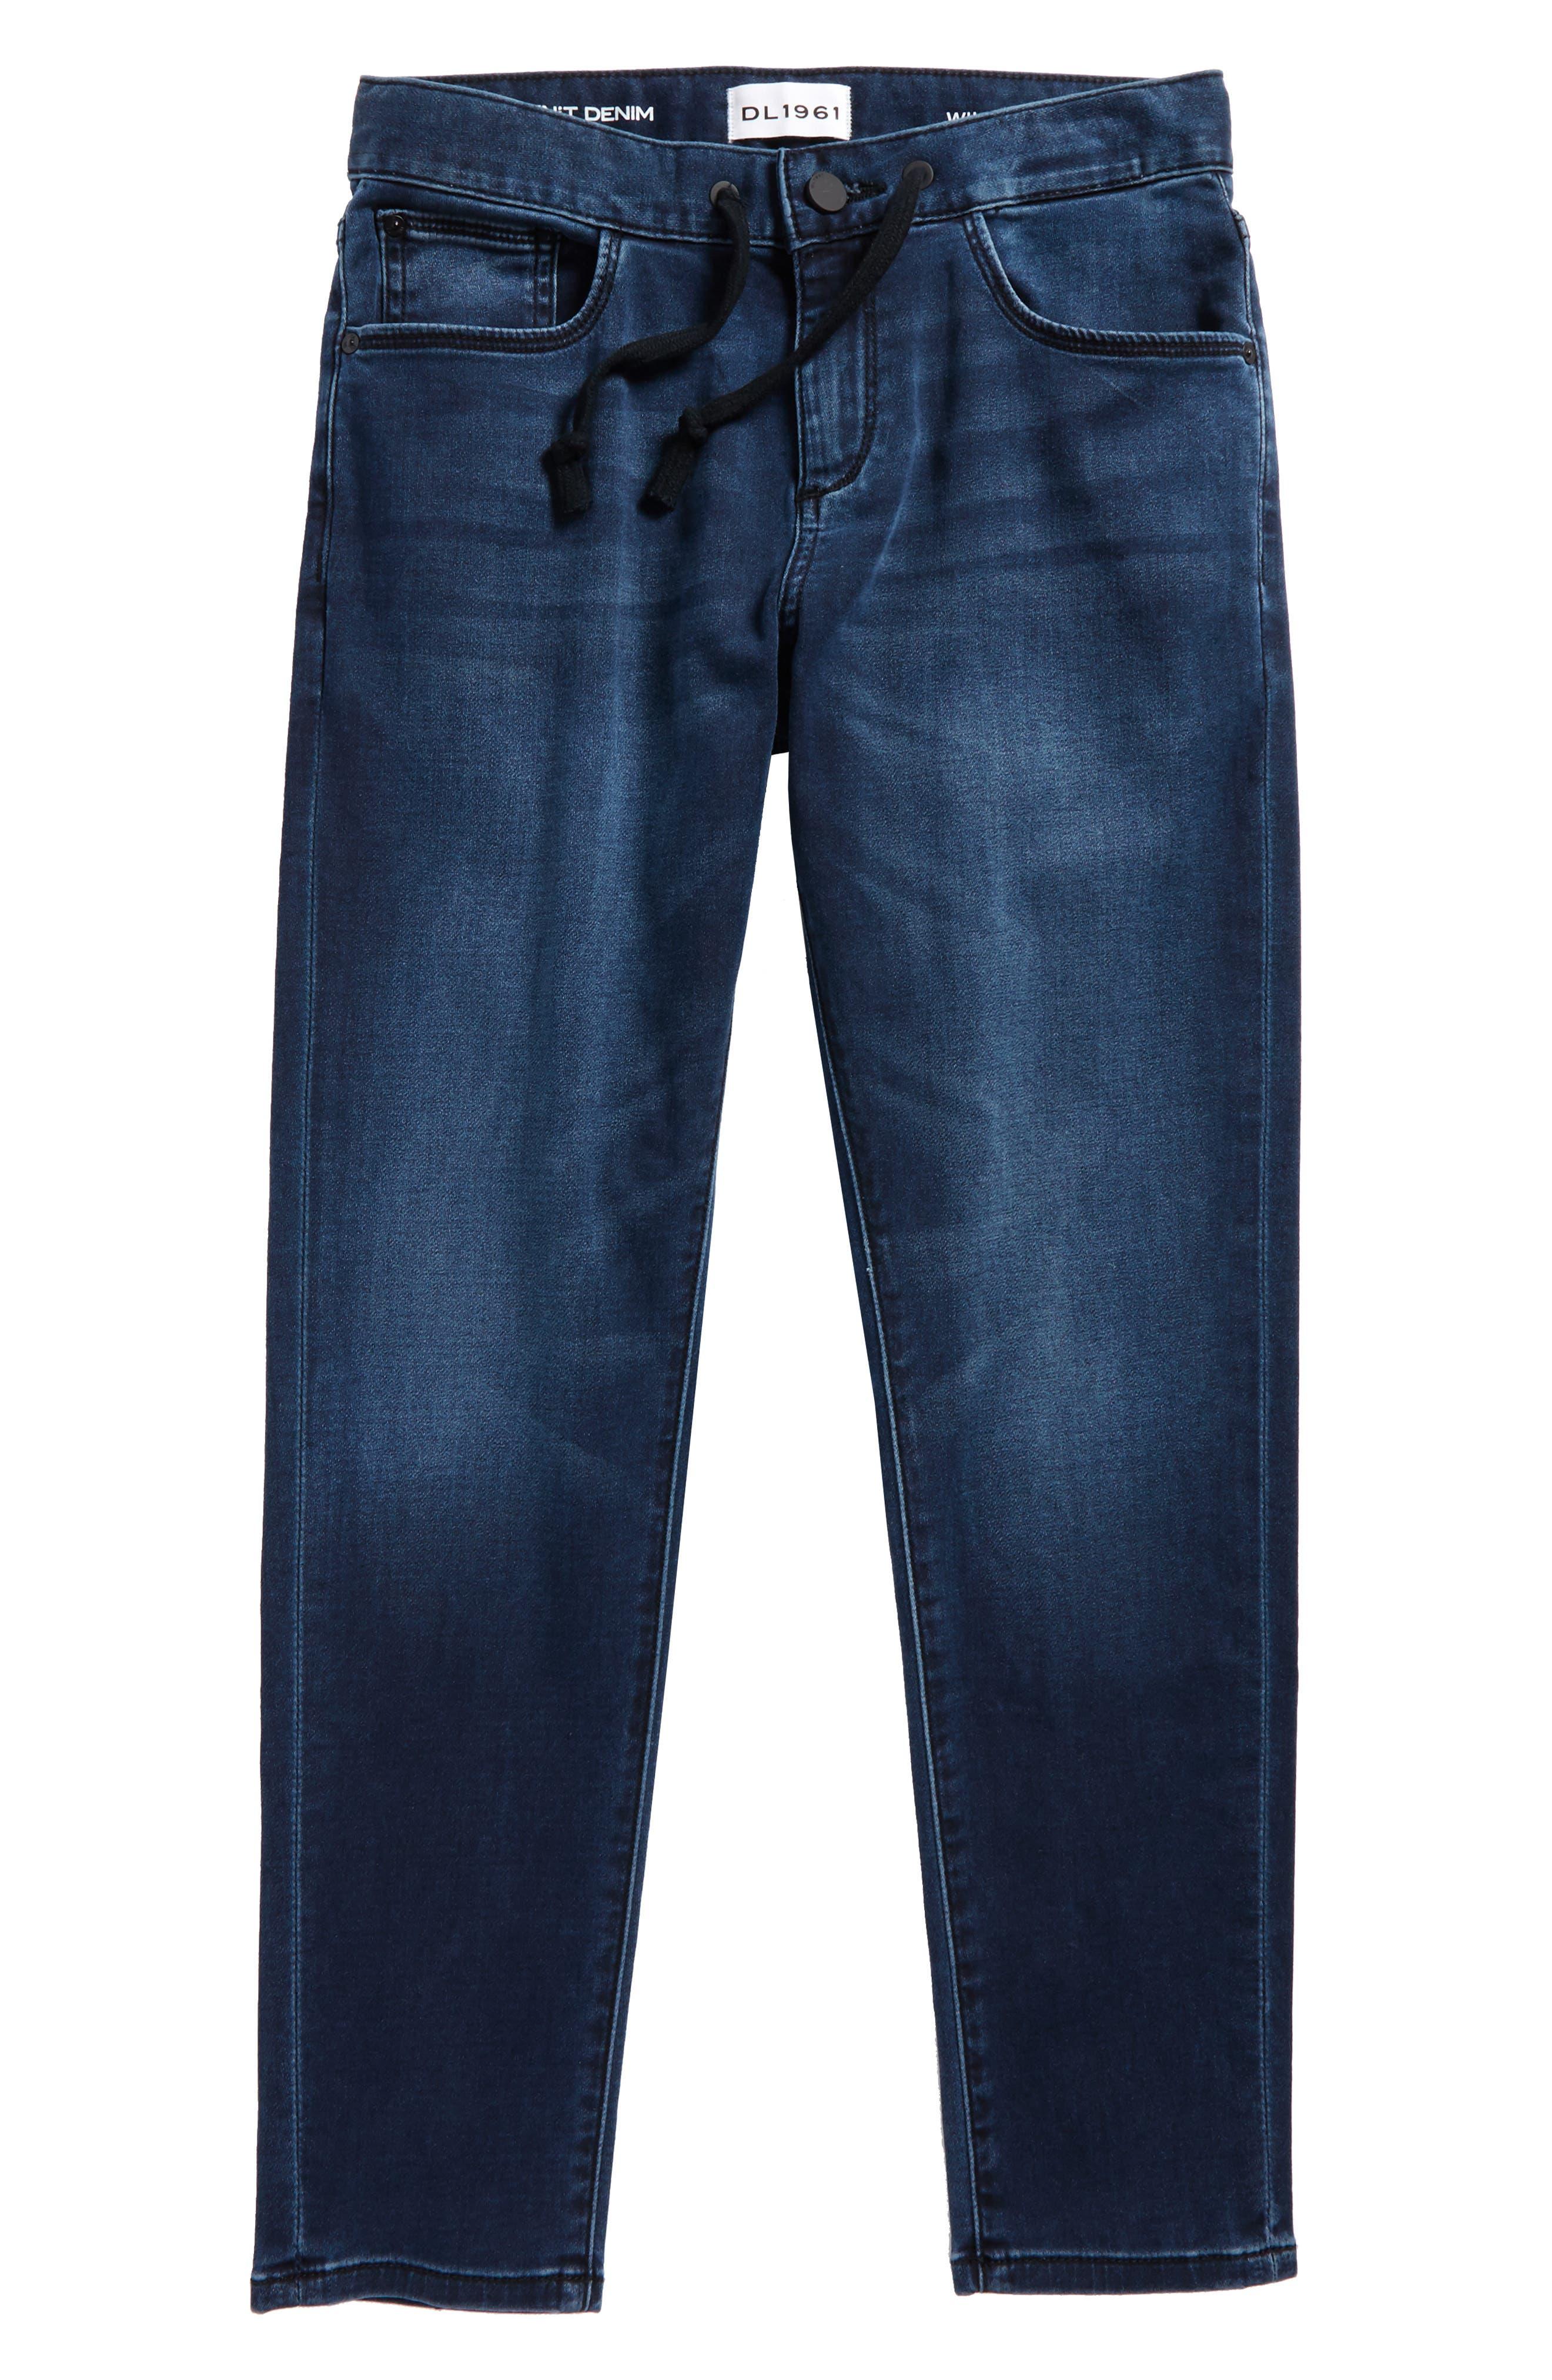 DL1961 William Drawstring Jeans (Big Boys)